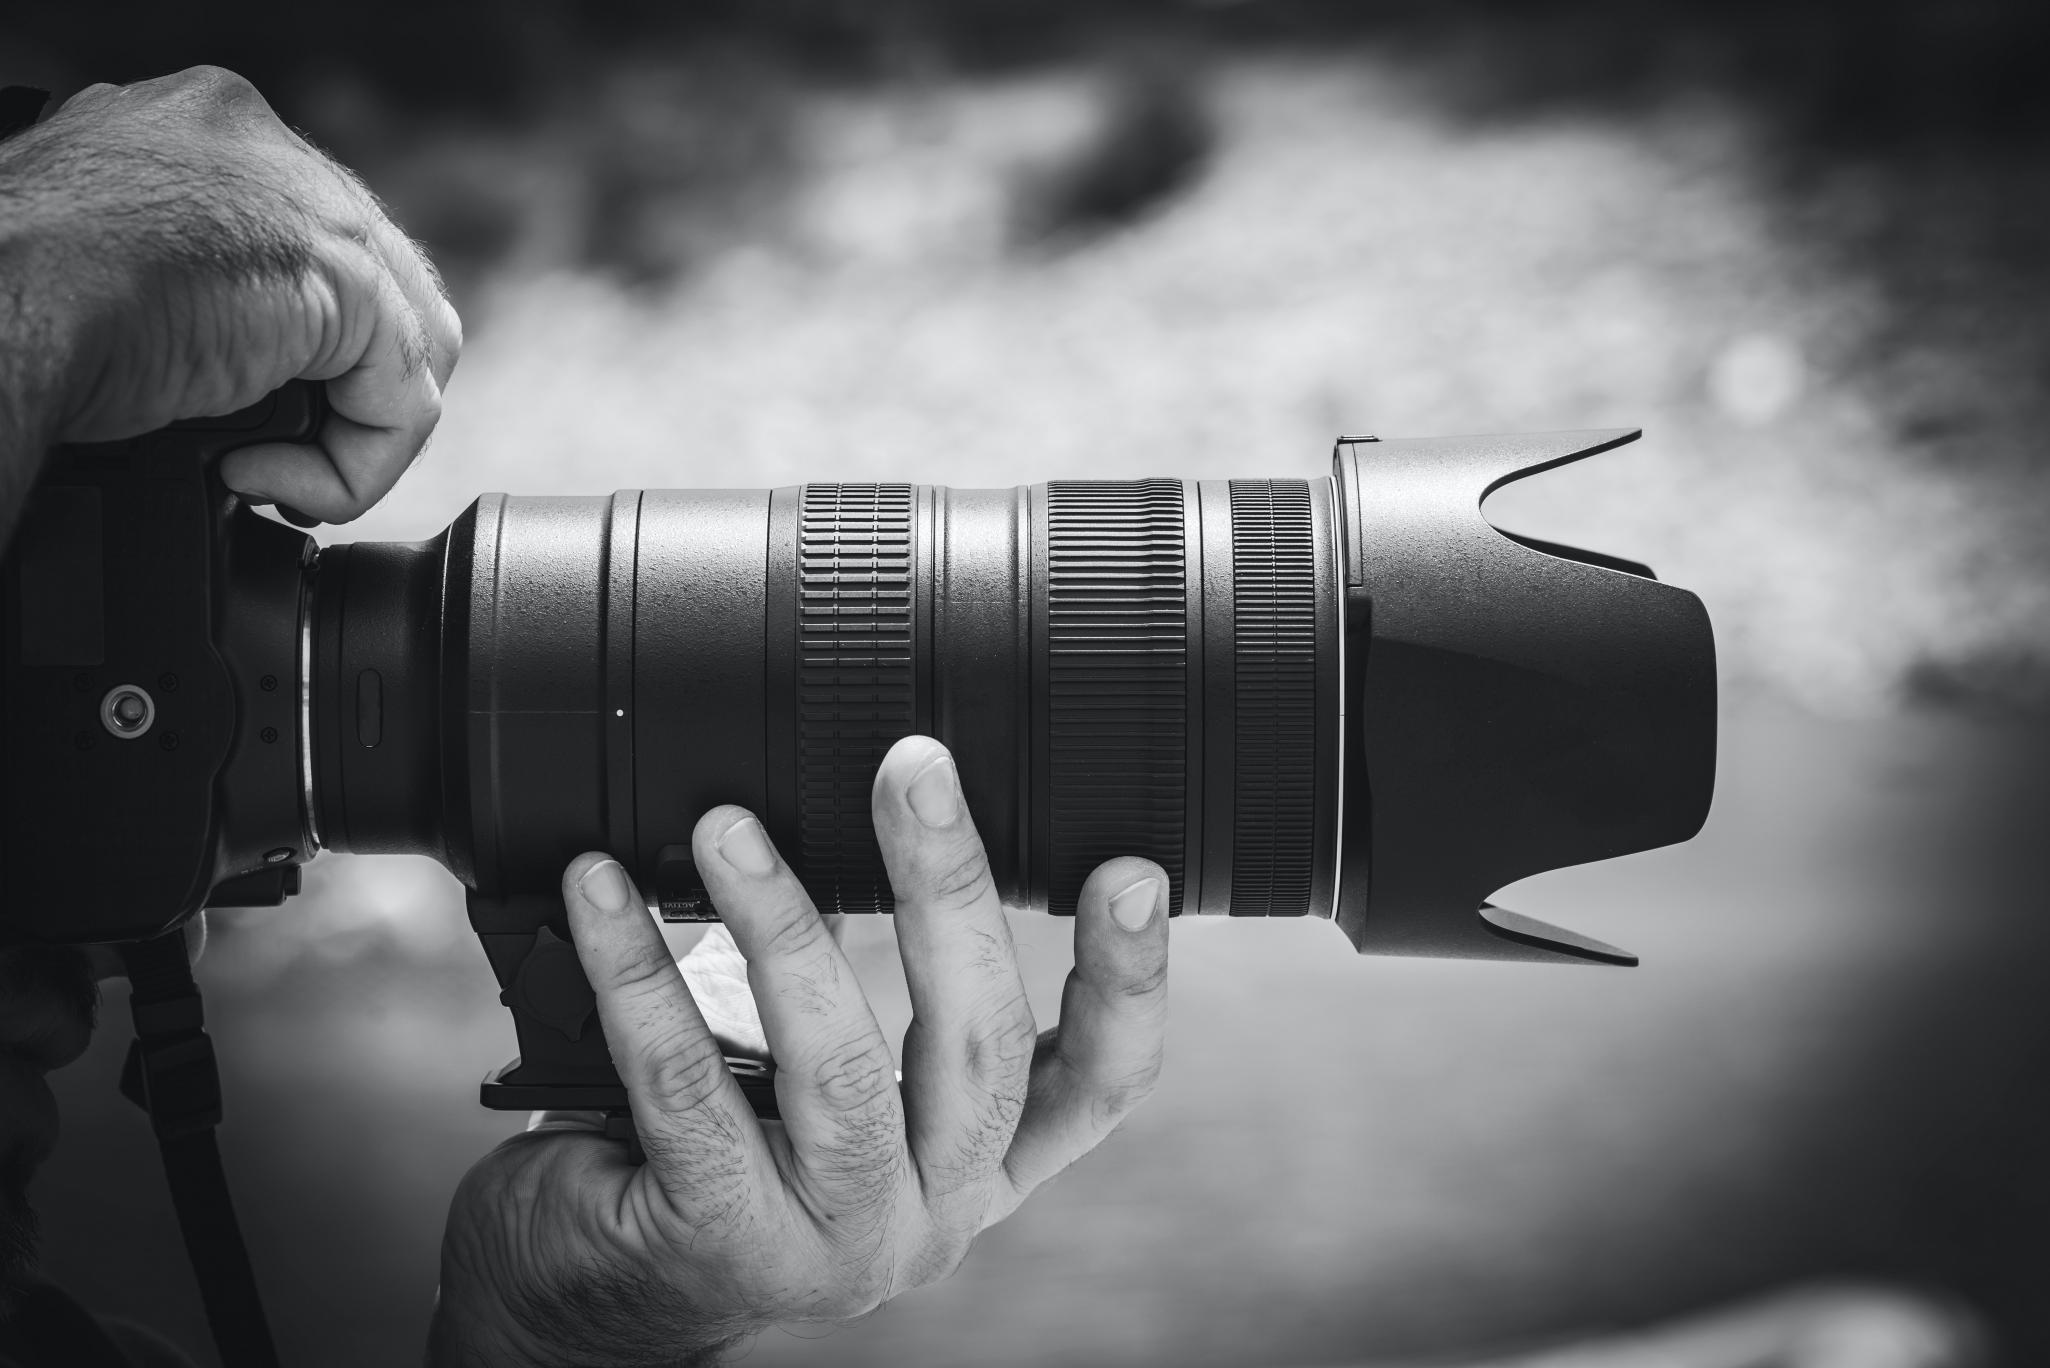 MIBACT - Bando STRATEGIA FOTOGRAFIA 2020. Finanziamento a fondo perduto per patrimonio e promozione fotografia